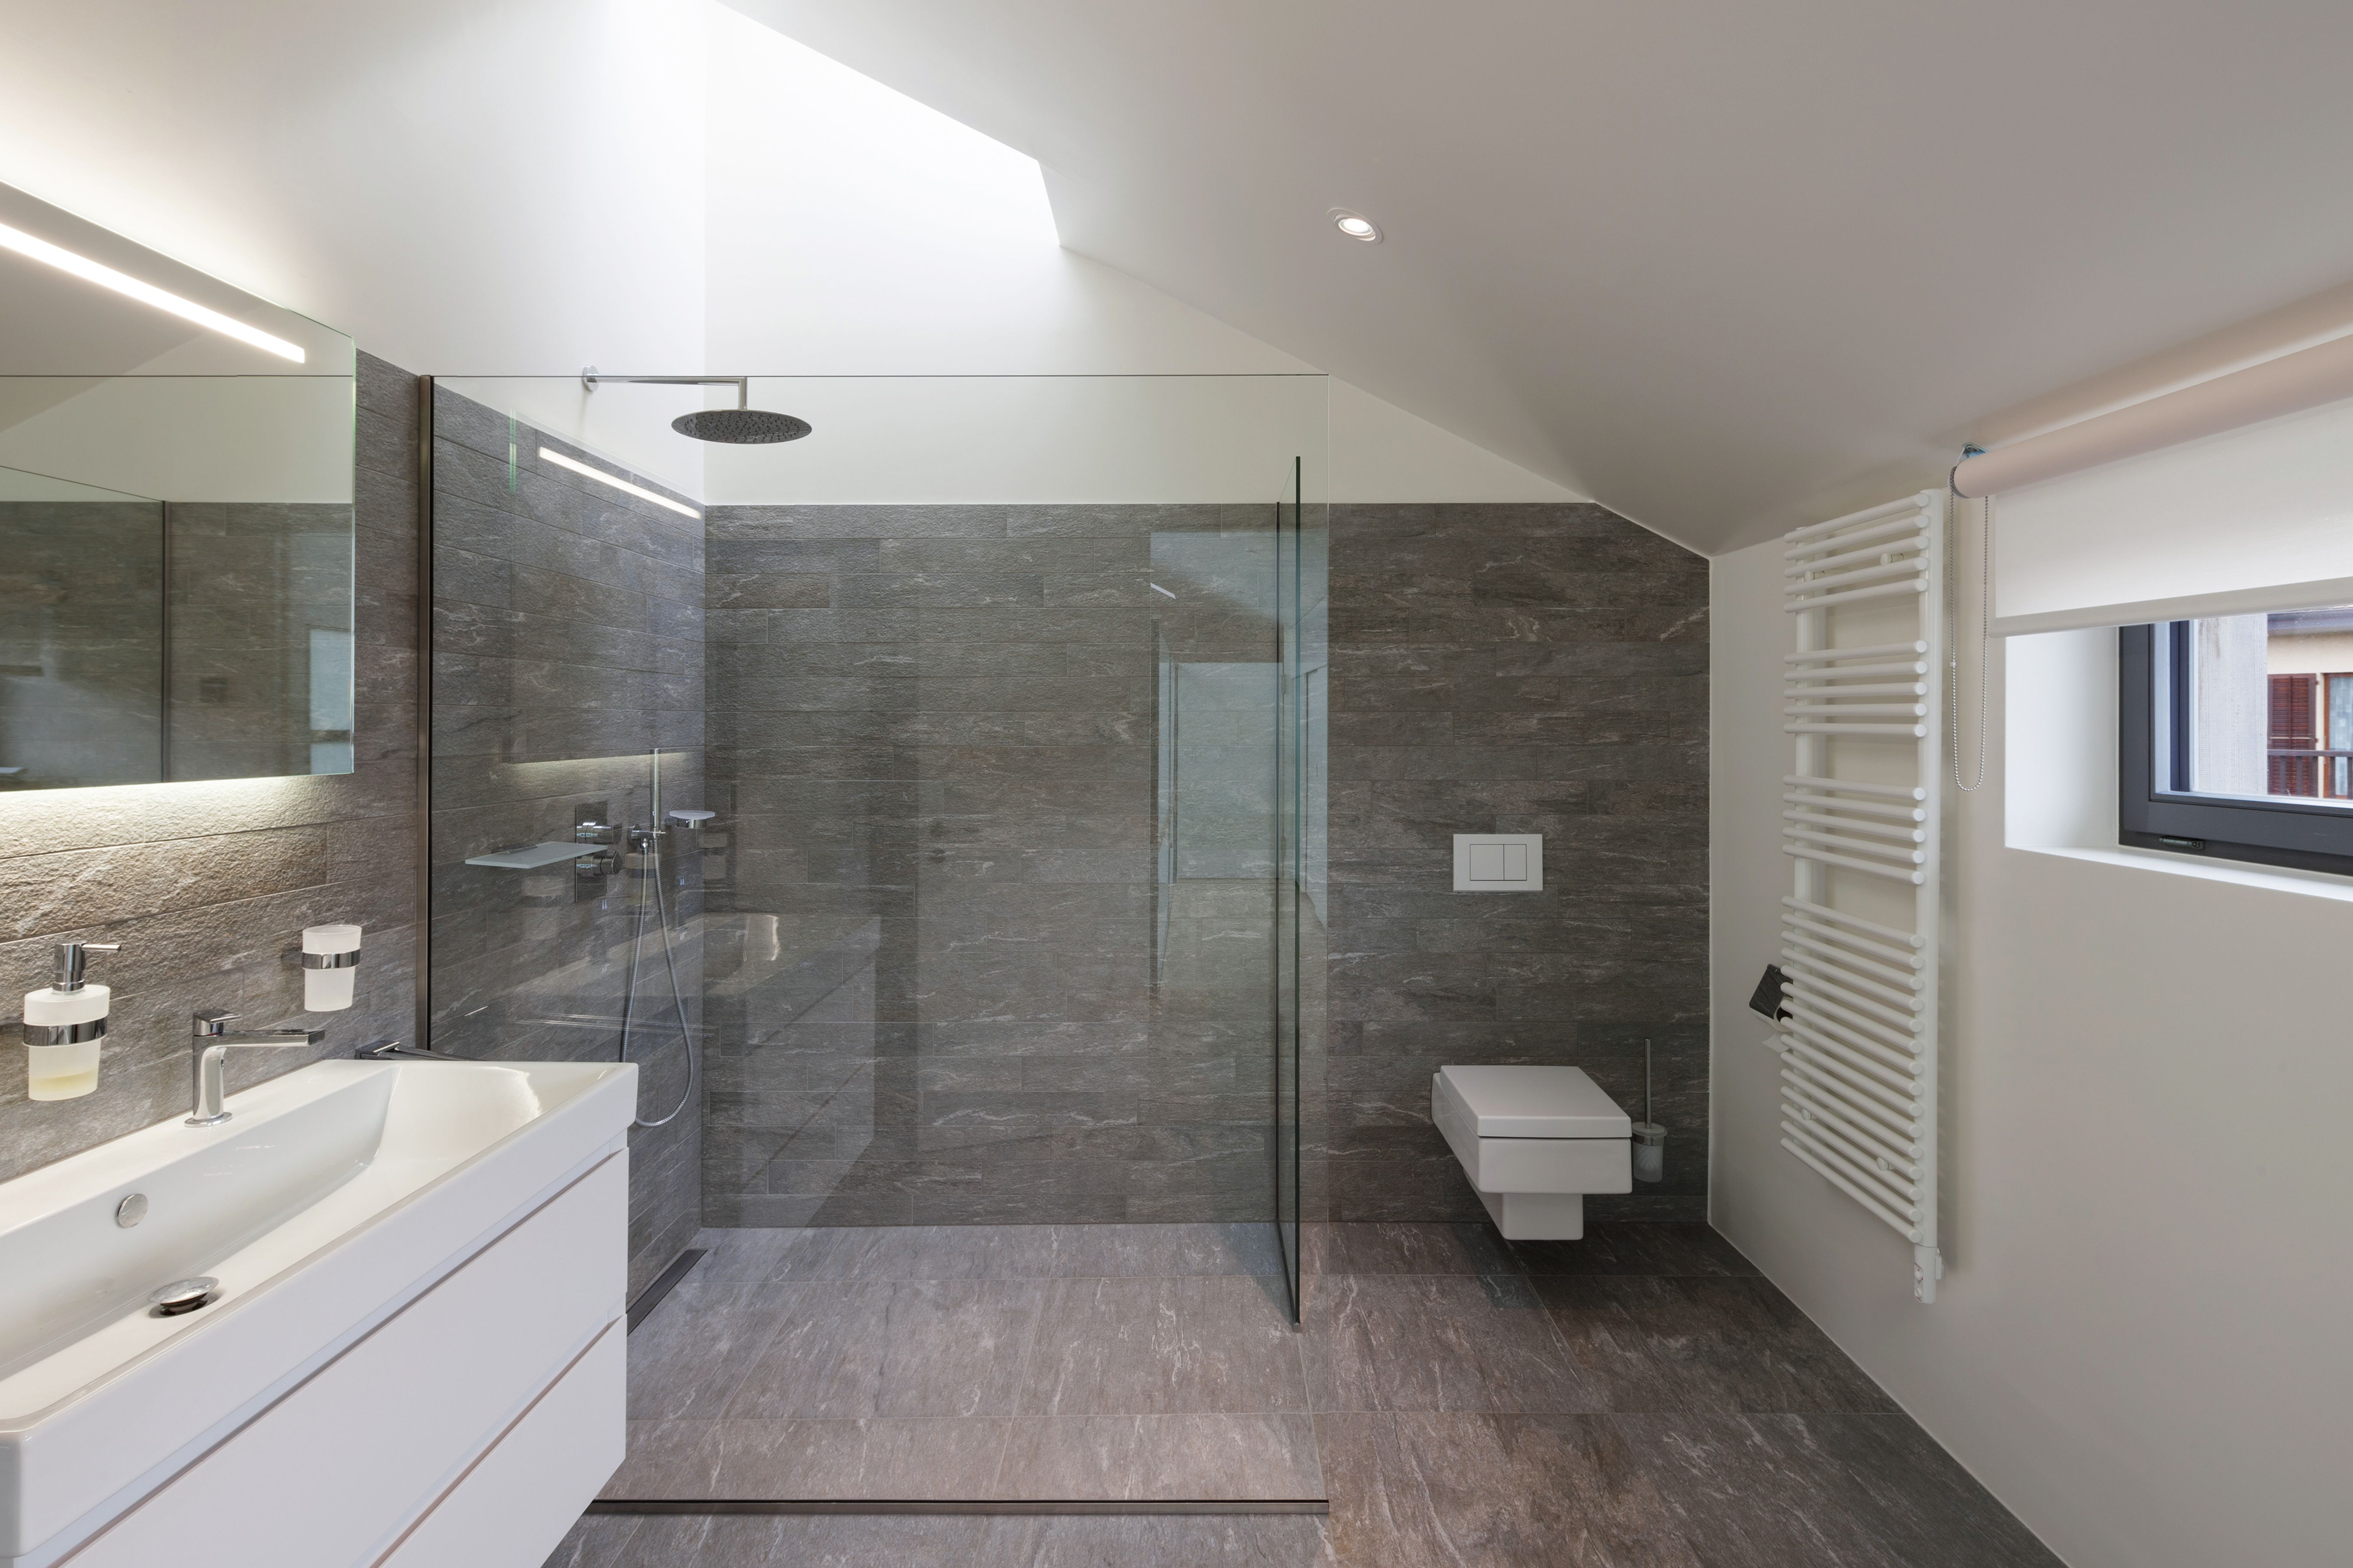 Kosten Fur Die Badsanierung Badezimmer Renovieren Bad Fliesen Designs Badezimmer Sanieren